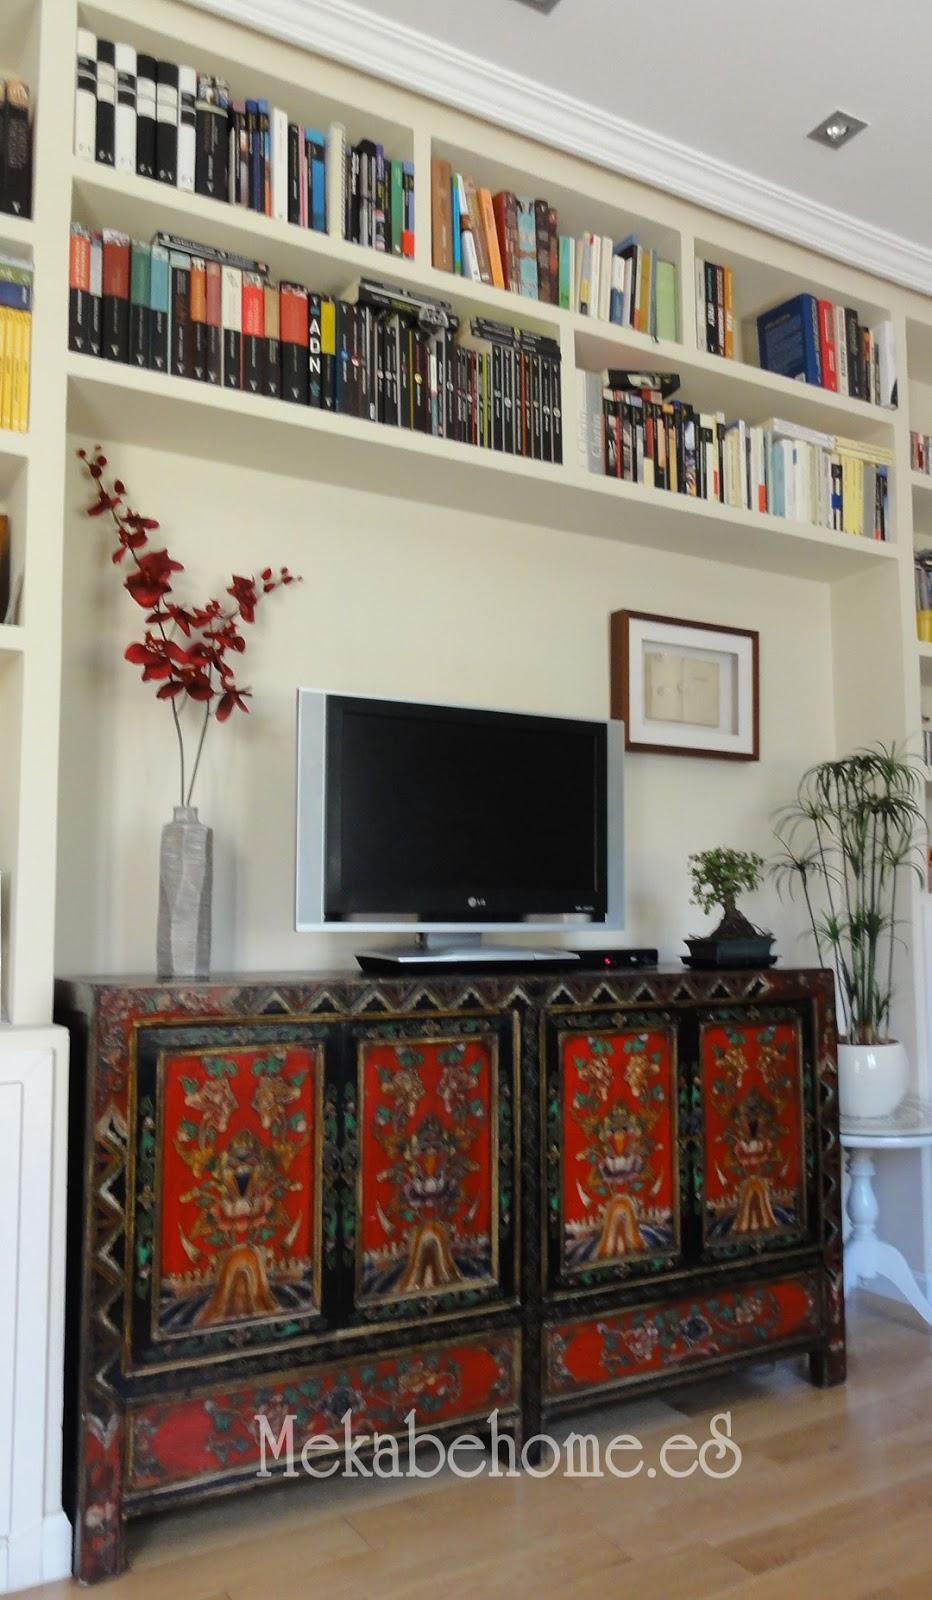 El nuevo hogar de nuestro aparador tibetano mekabe home - Mueble oriental madrid ...